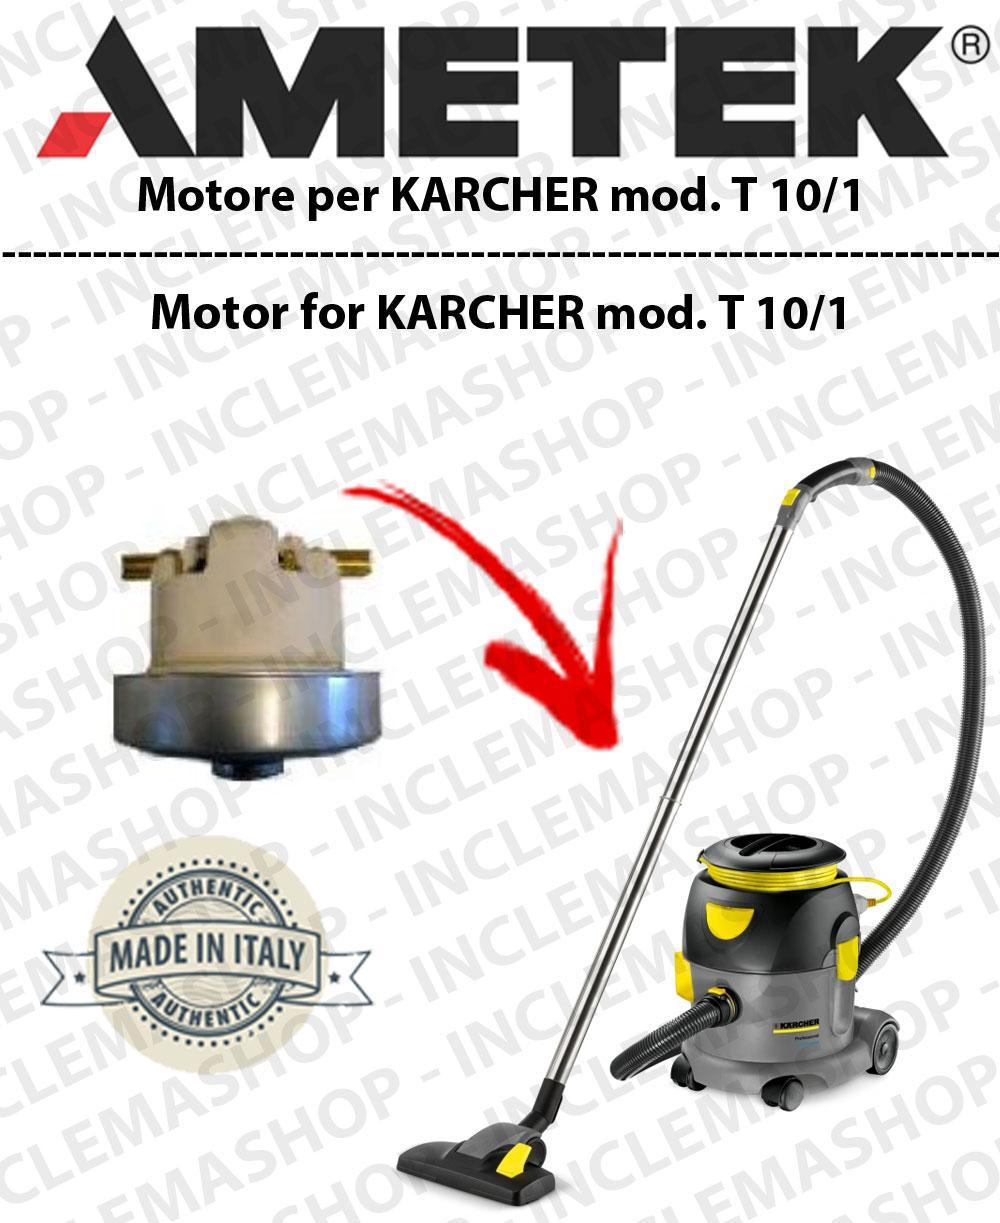 T 10/1  moteur aspiration AMETEK  pour aspirateurs KARCHER